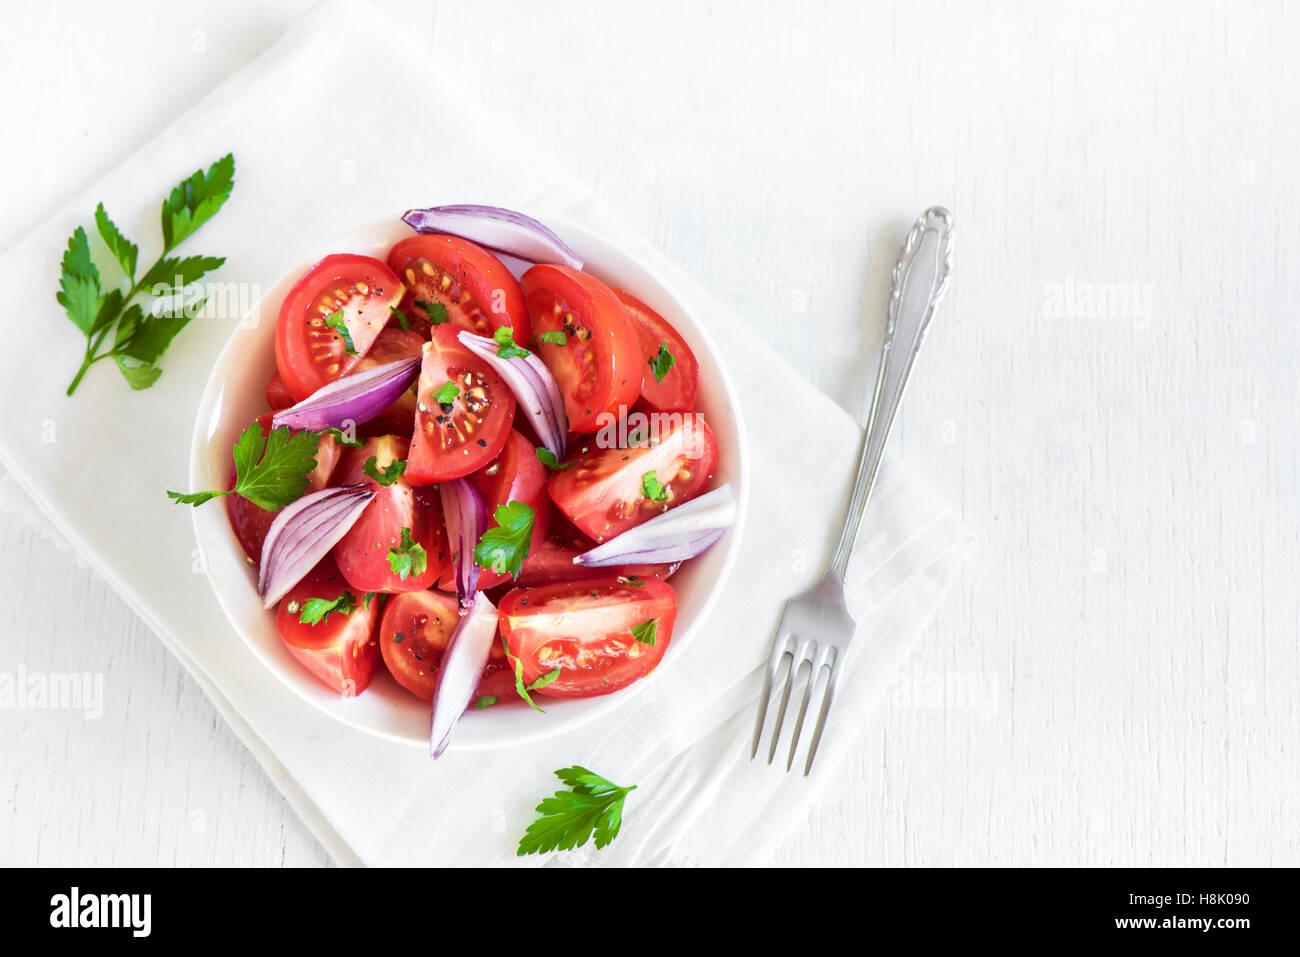 Insalata di pomodoro con cipolla, prezzemolo e pepe nero in vaso - sano vegetariano vegano antipasto alimentare Immagini Stock